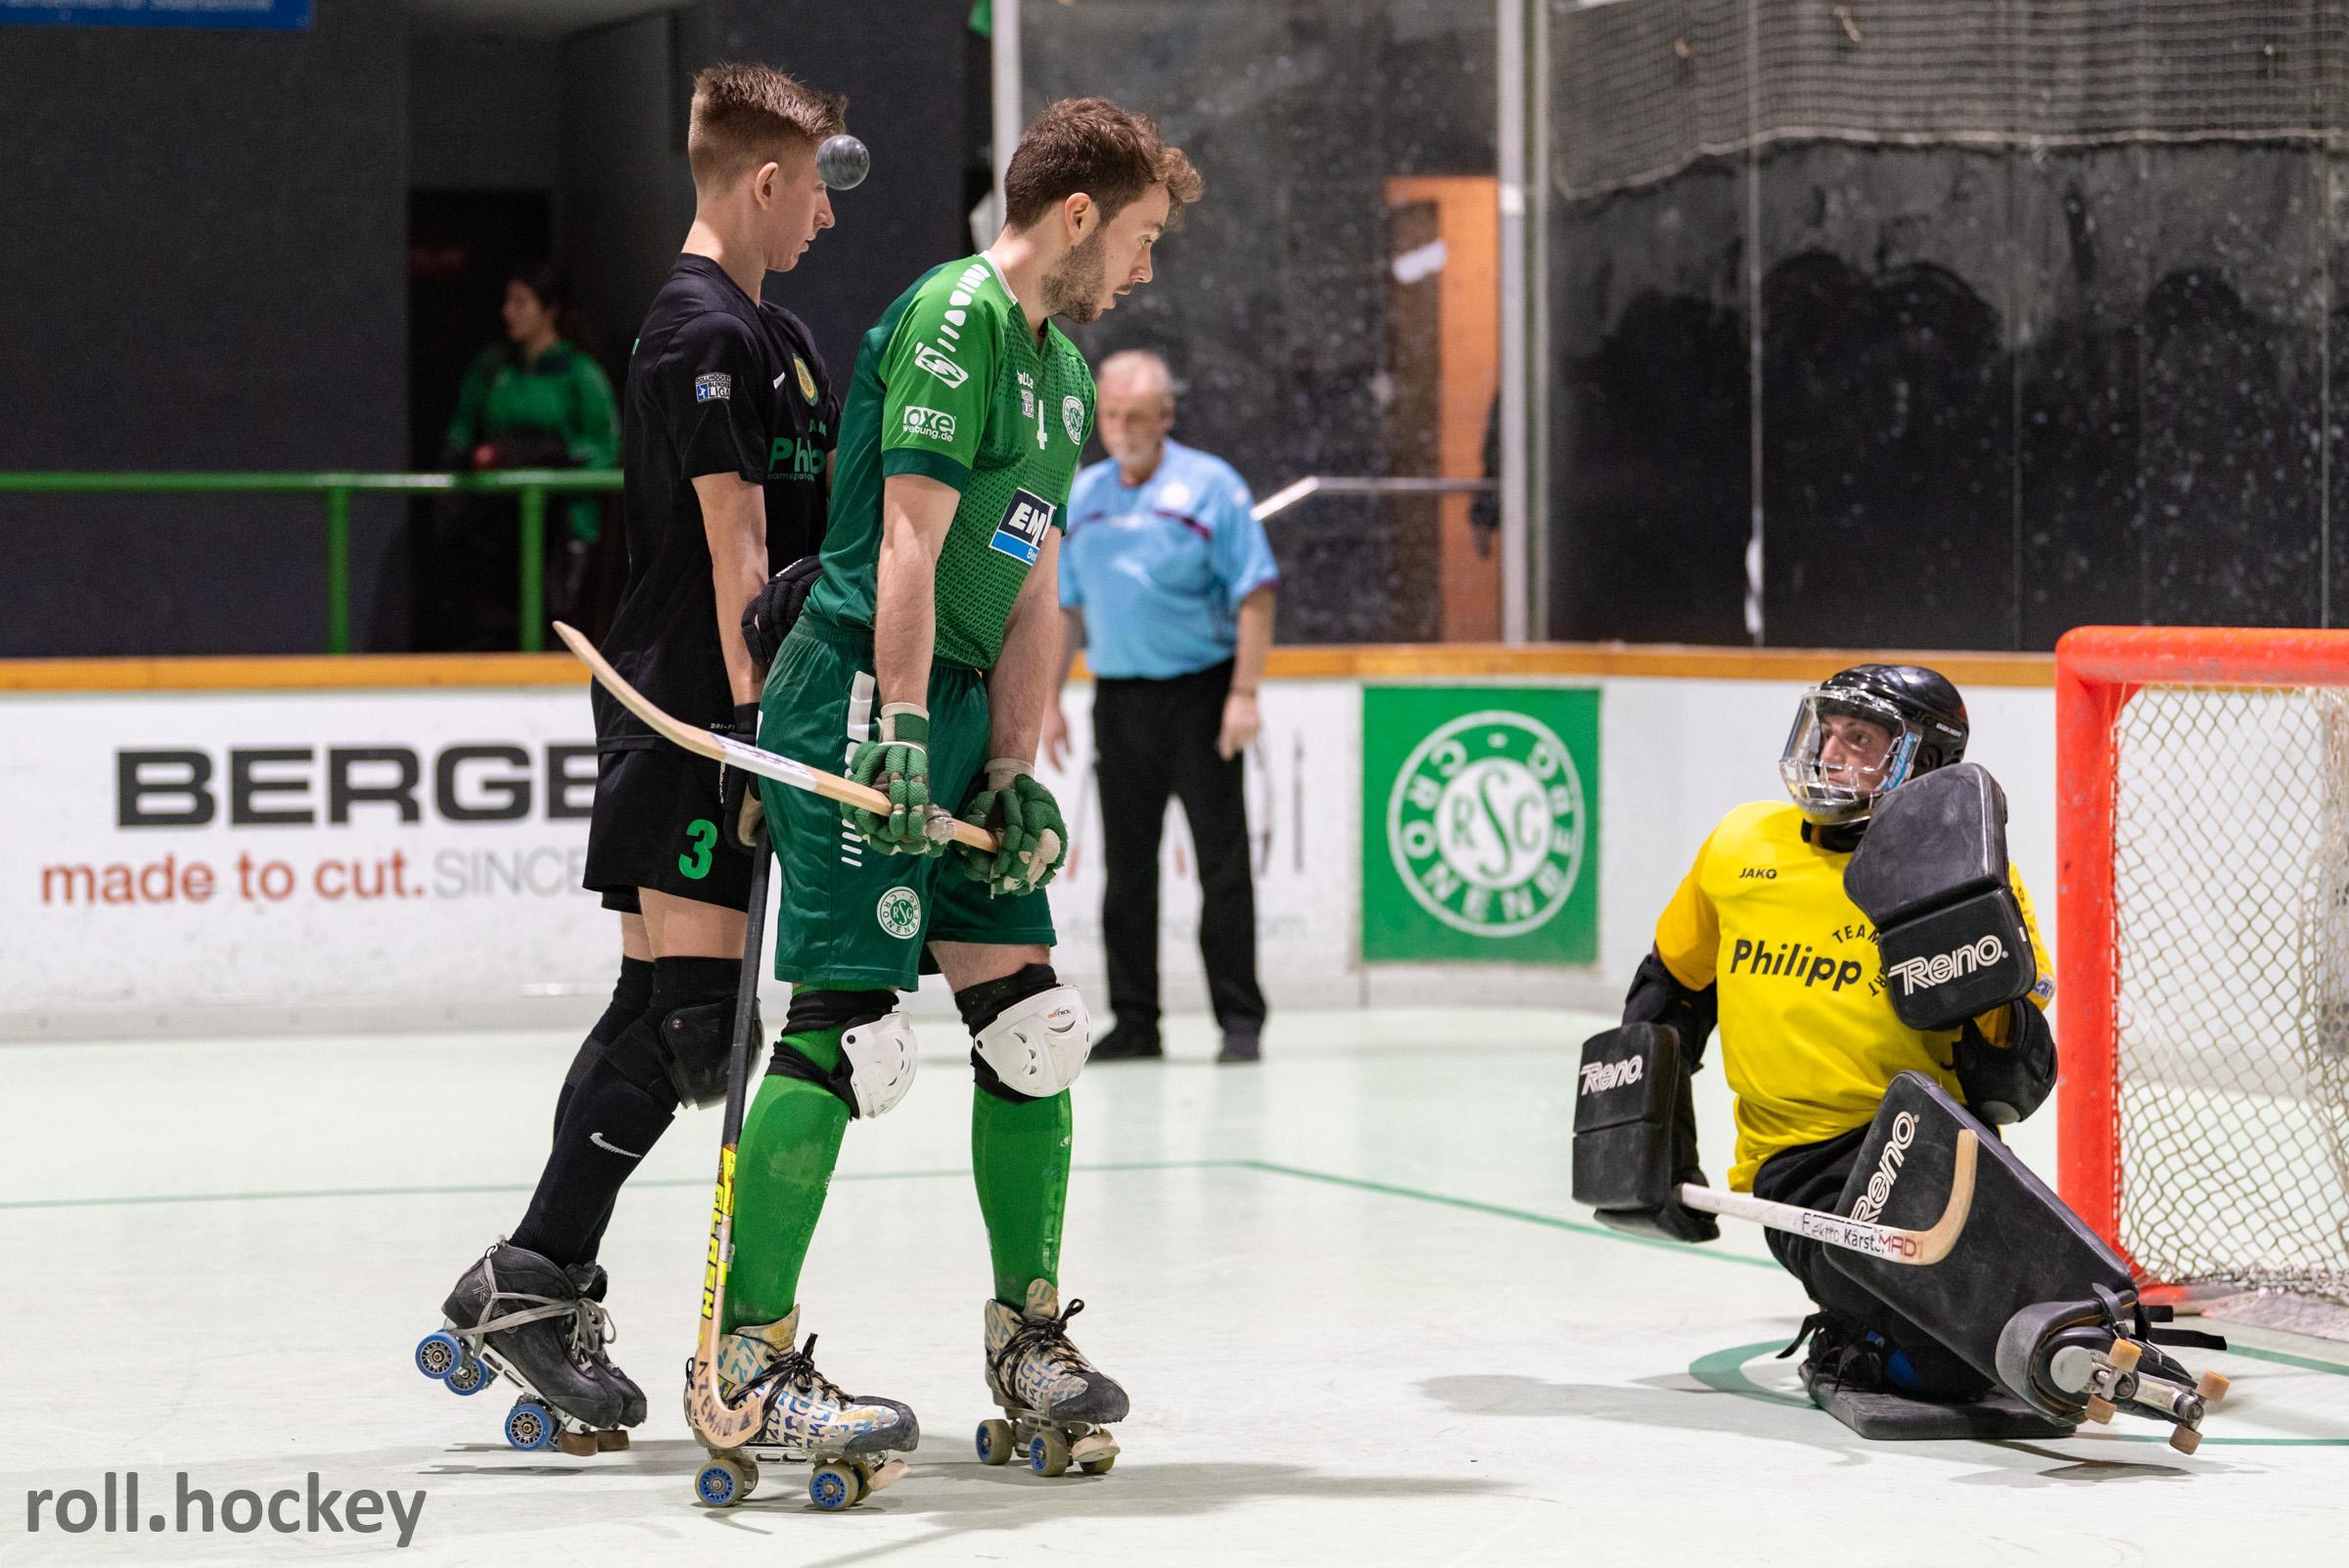 RSC Cronenberg Rollhockey Bundesliga Herren Spieltag 07.12.2019